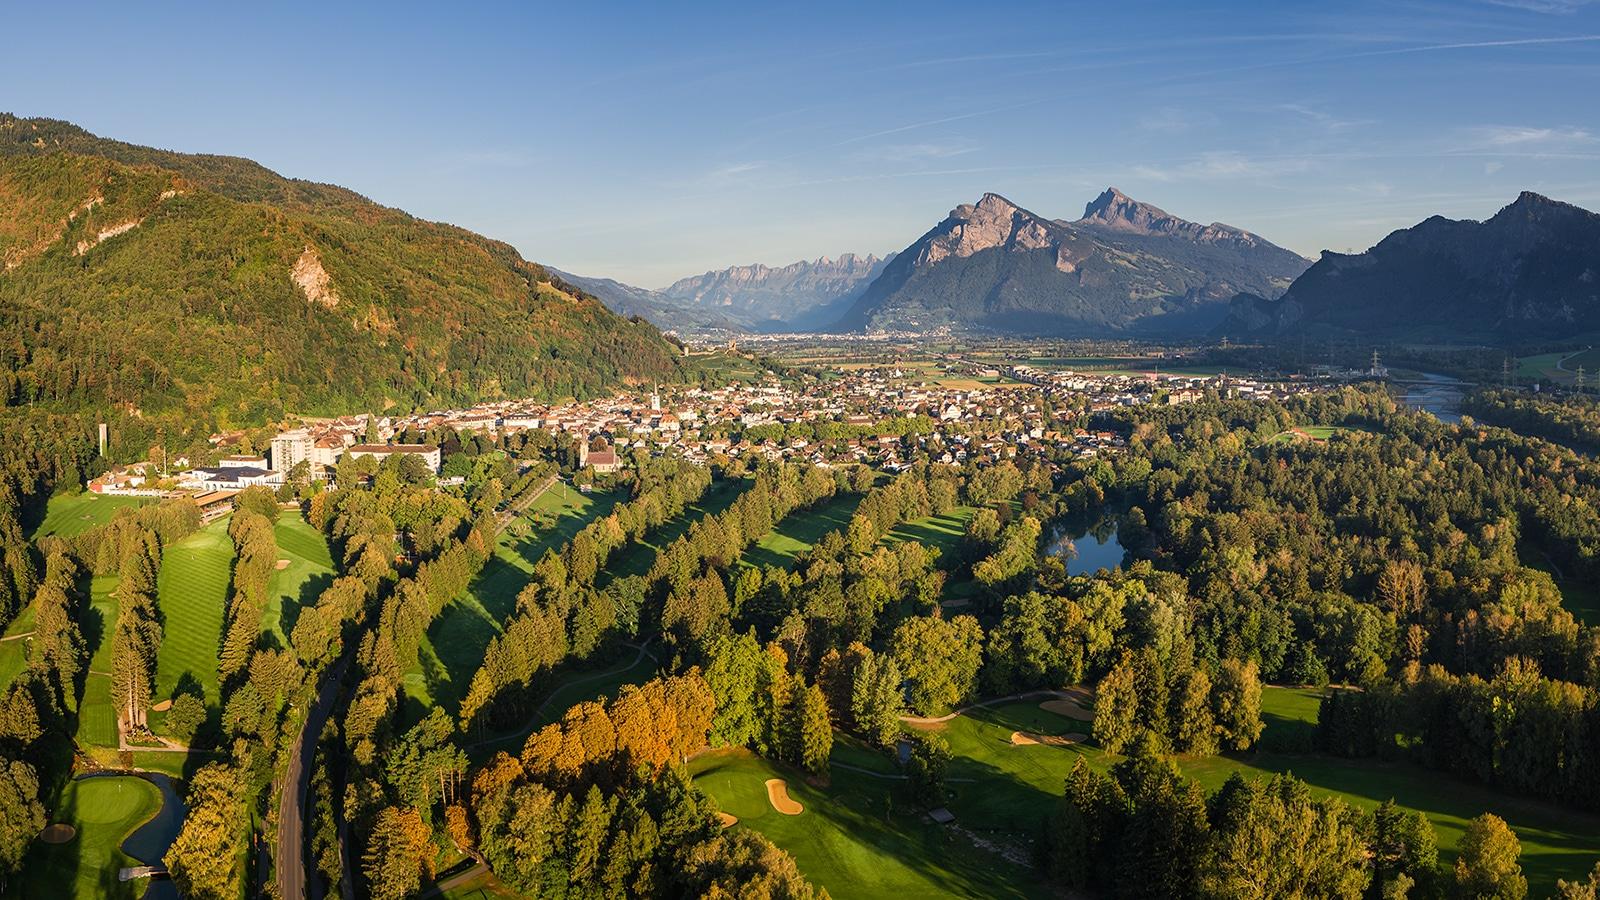 Luftaufnahme - Bad Ragaz im Morgenlicht mit Blick auf die Stadt und den Golfplatz